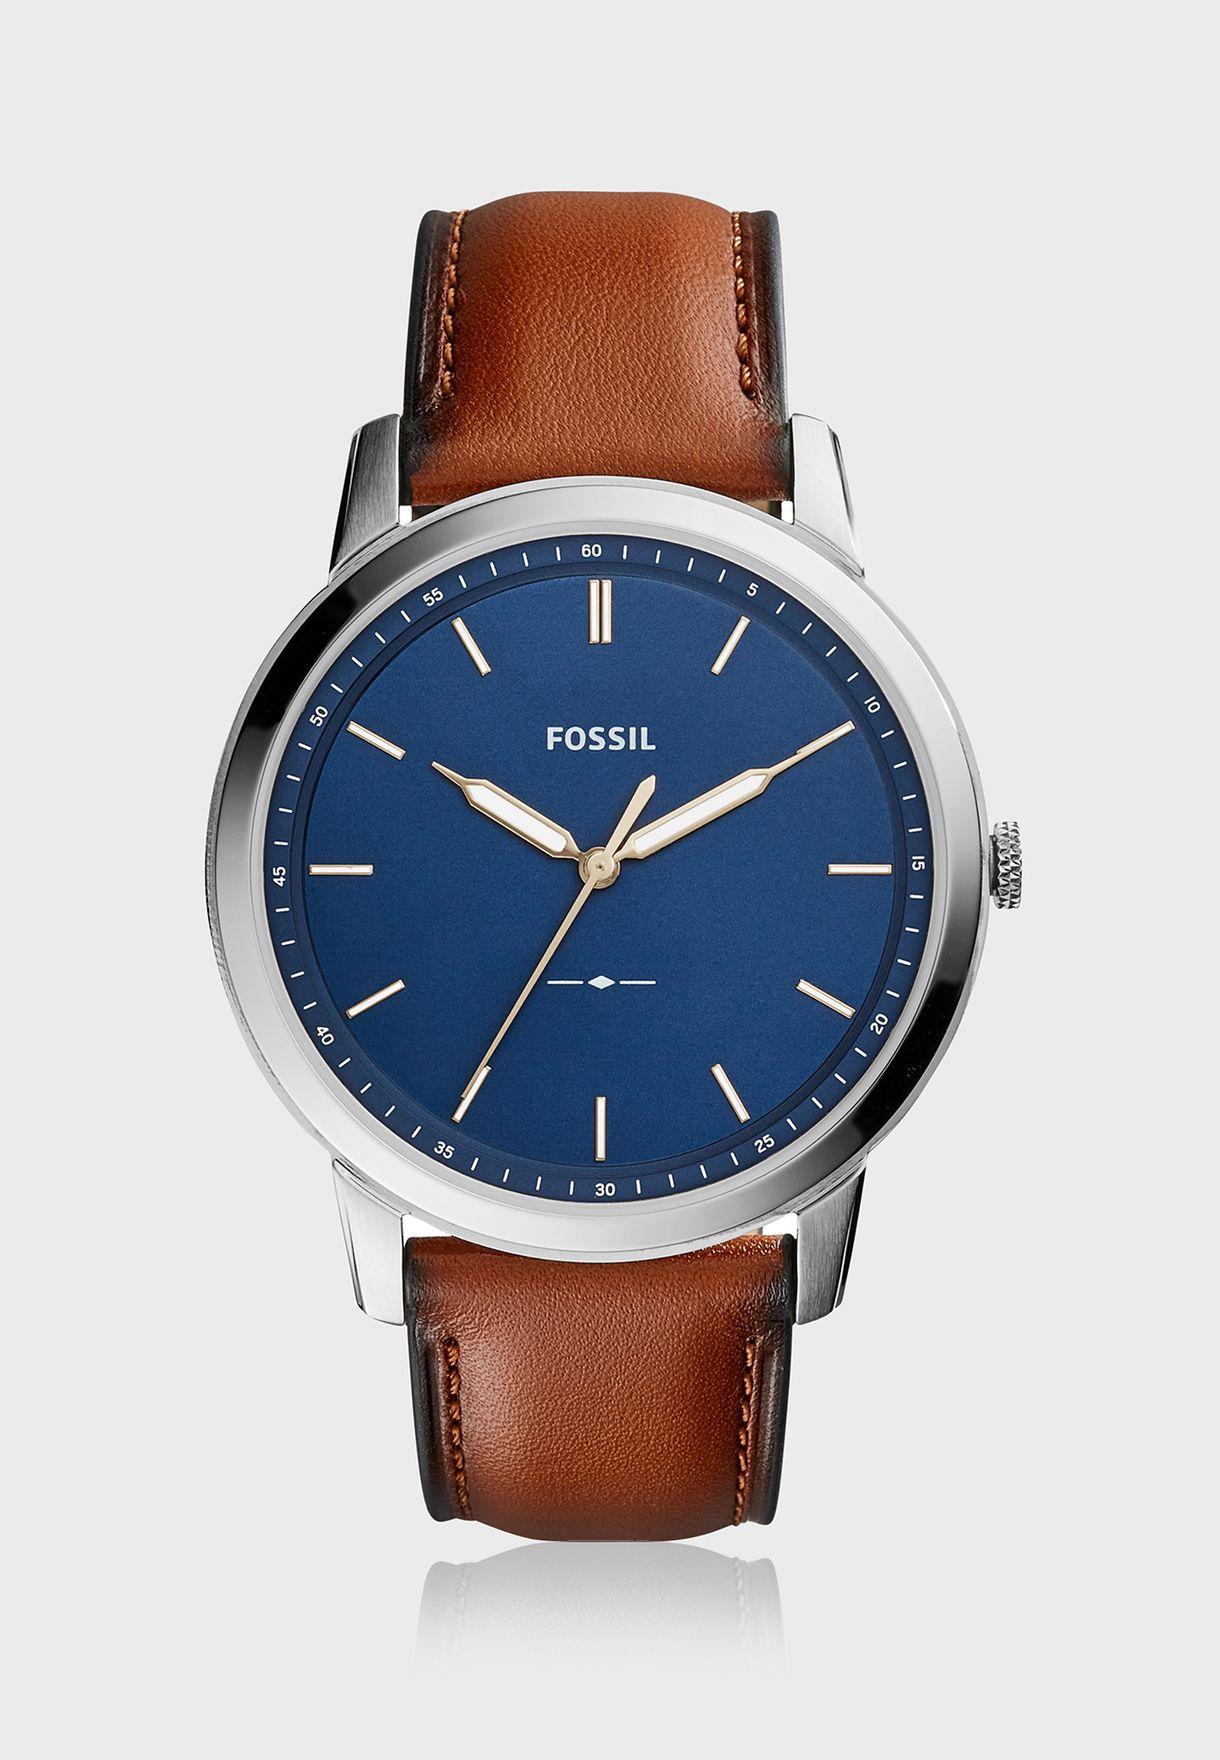 927c94f7f تسوق ساعة جلد اصلي ماركة فوسيل لون بني FS5304 في عمان - FO413AC57RLY